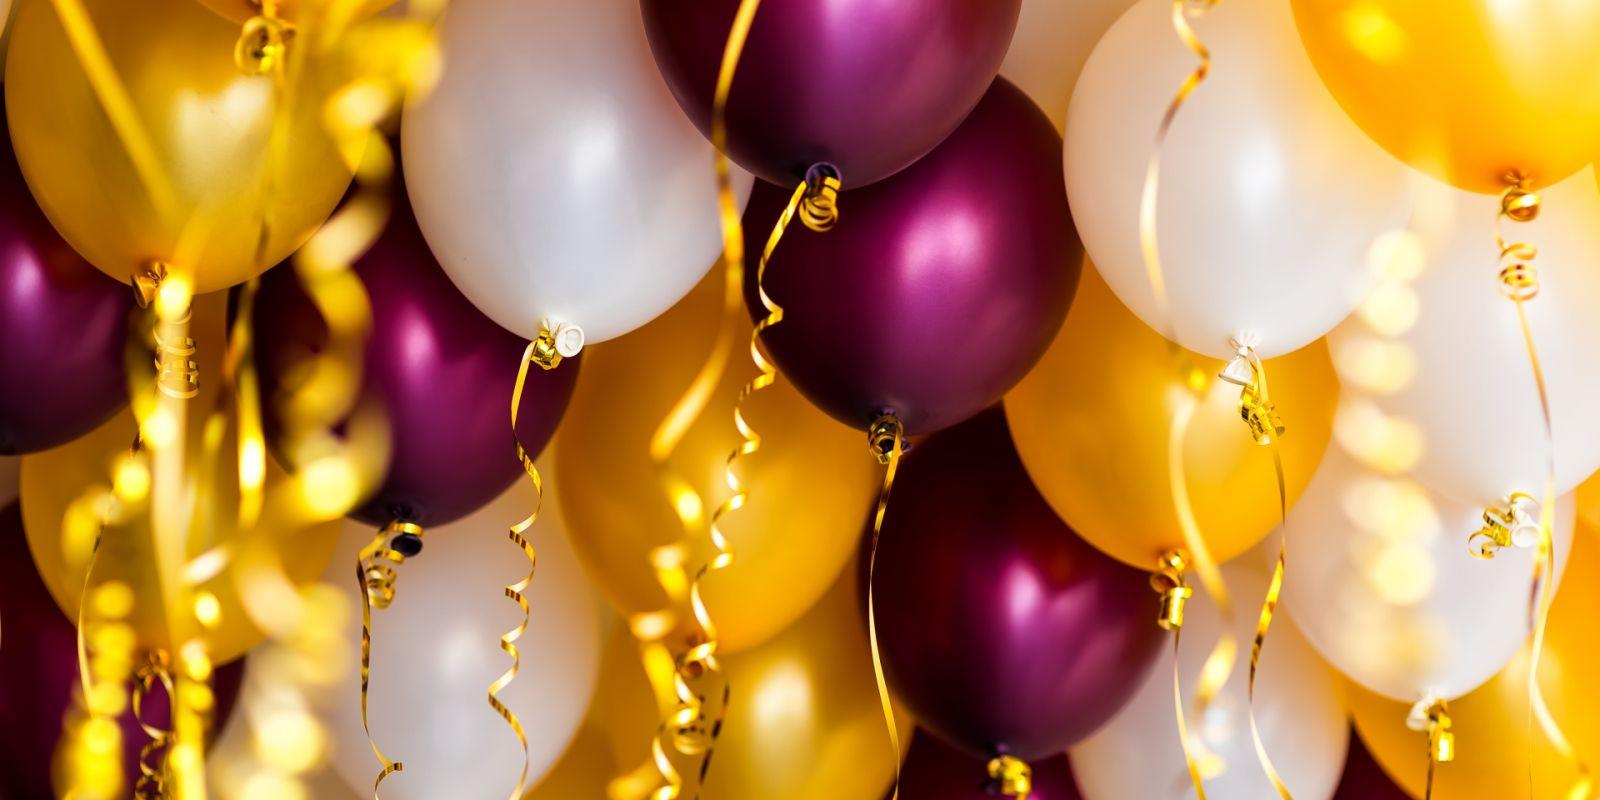 https://www.talamare.fr/medias/Des ballons colorés pour décorer une fête d'anniversaire lors d'une location de yacht